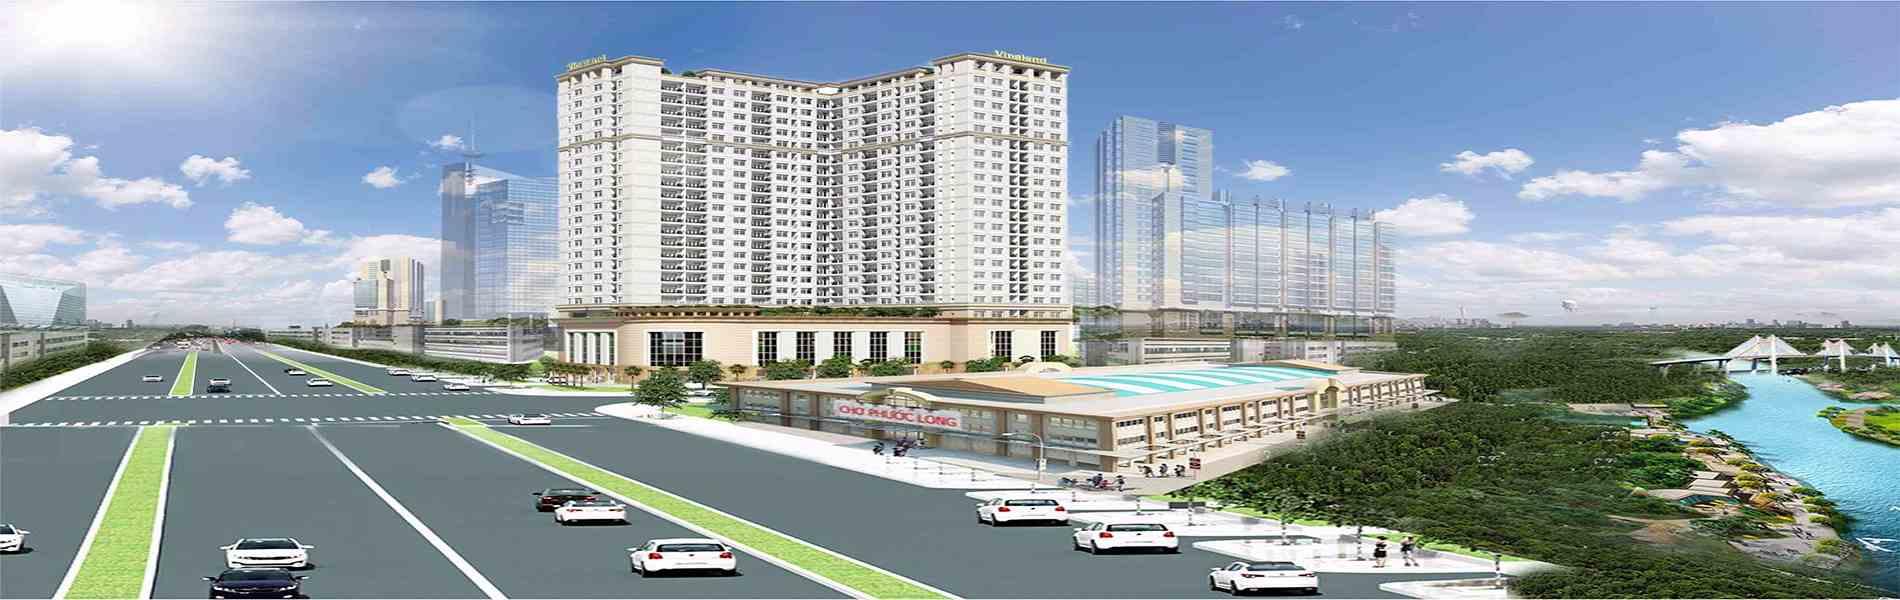 Căn hộ Sài Gòn South Plaza là bước ngoặc mới tại đây với diện tích vừa 45-80m2